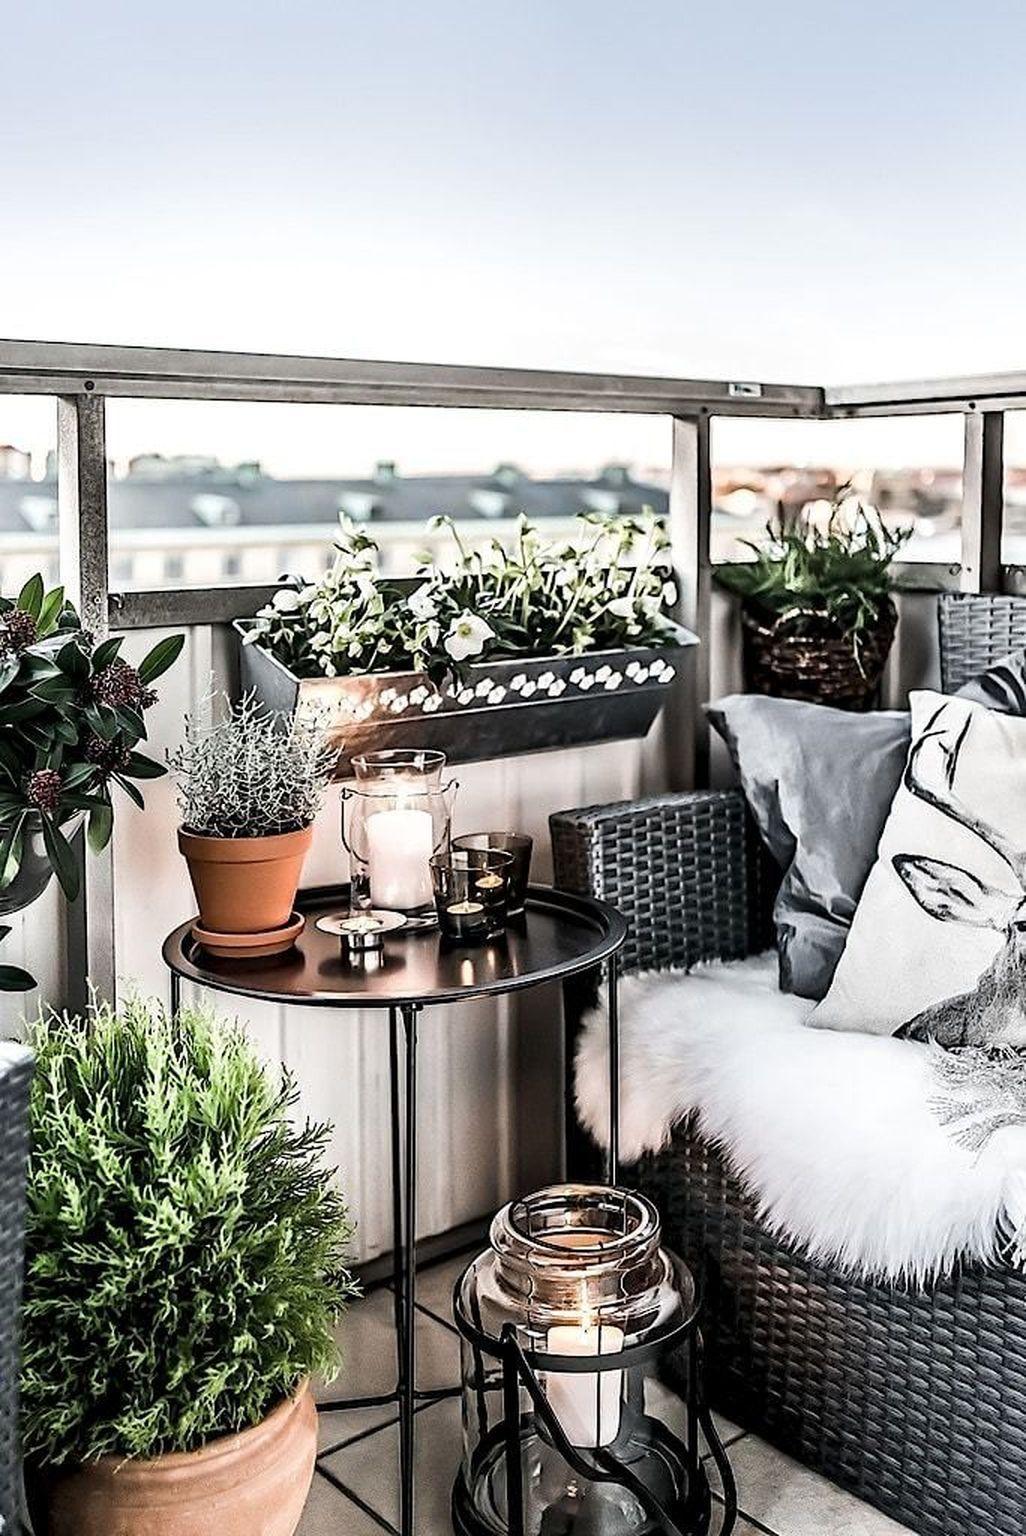 Divanetto Per Balcone Piccolo 44 elegant and cozy balcony ideas | balkong design, små